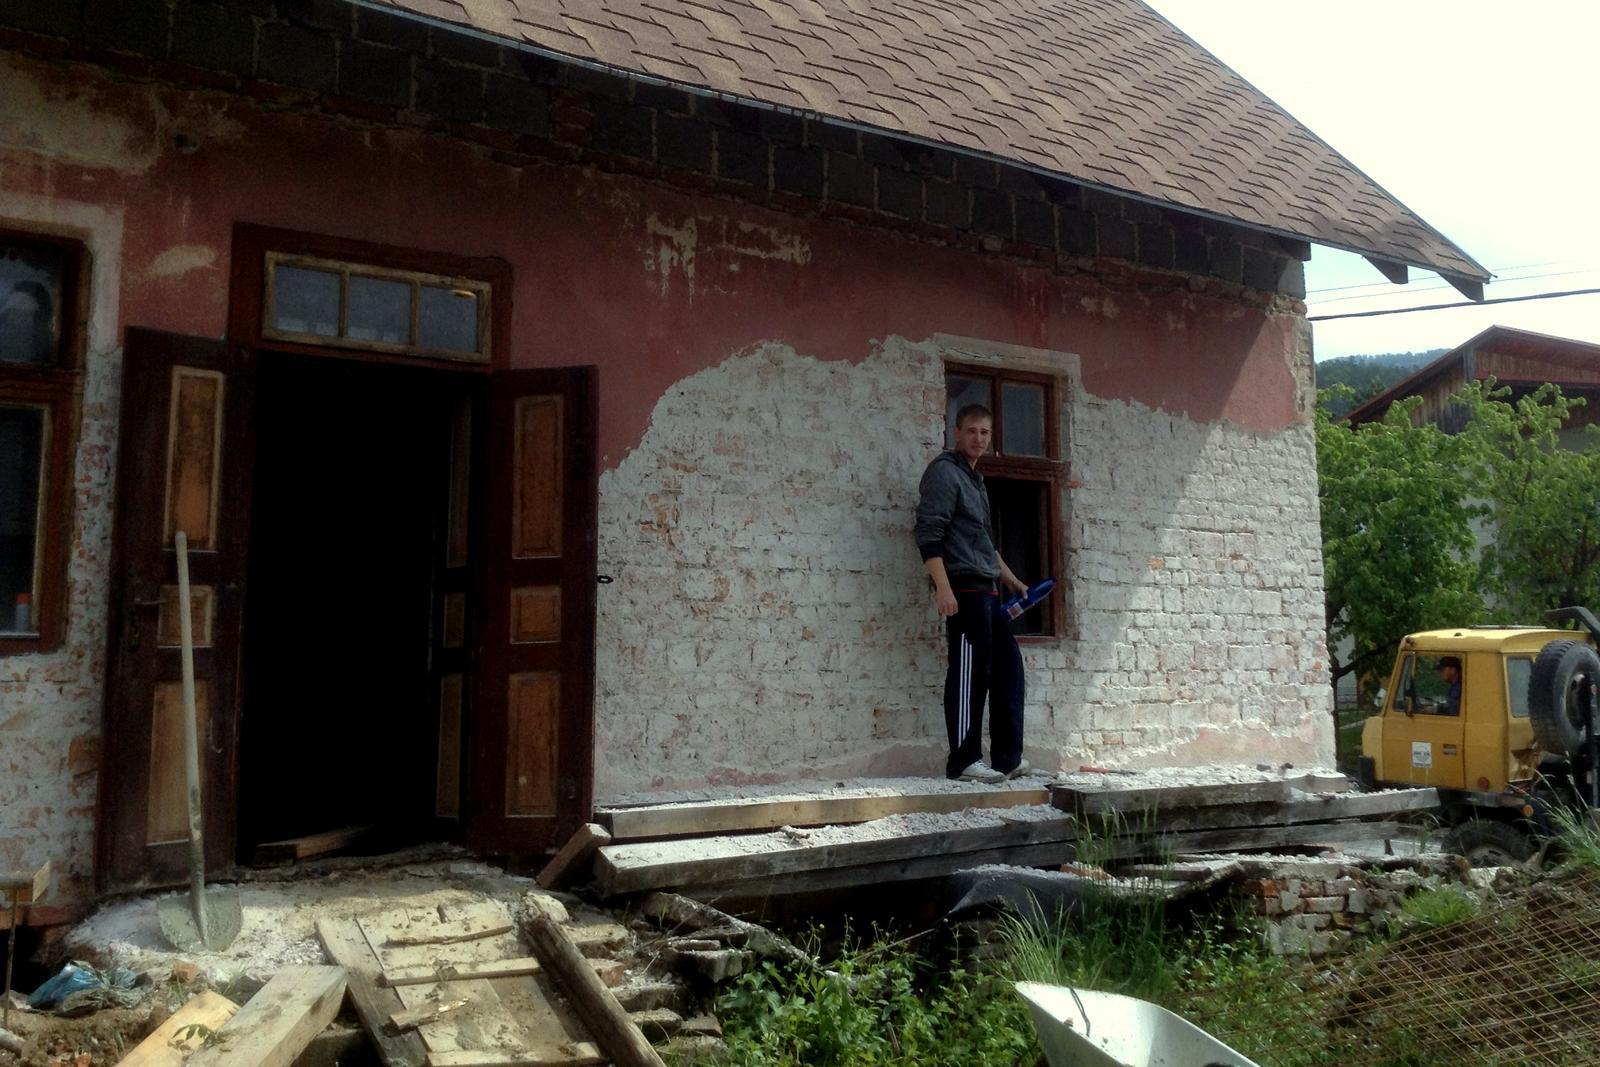 Rekonštrukcia domčeka z roku 1937 - V apríli 2014 sme začali otĺkať steny a vykopávať a vyvážať podlahy a zeminu spod nich (až do hĺbky 40 cm). Toto sme robili svojpomocne - pomáhali najmä rodinní príslušníci.